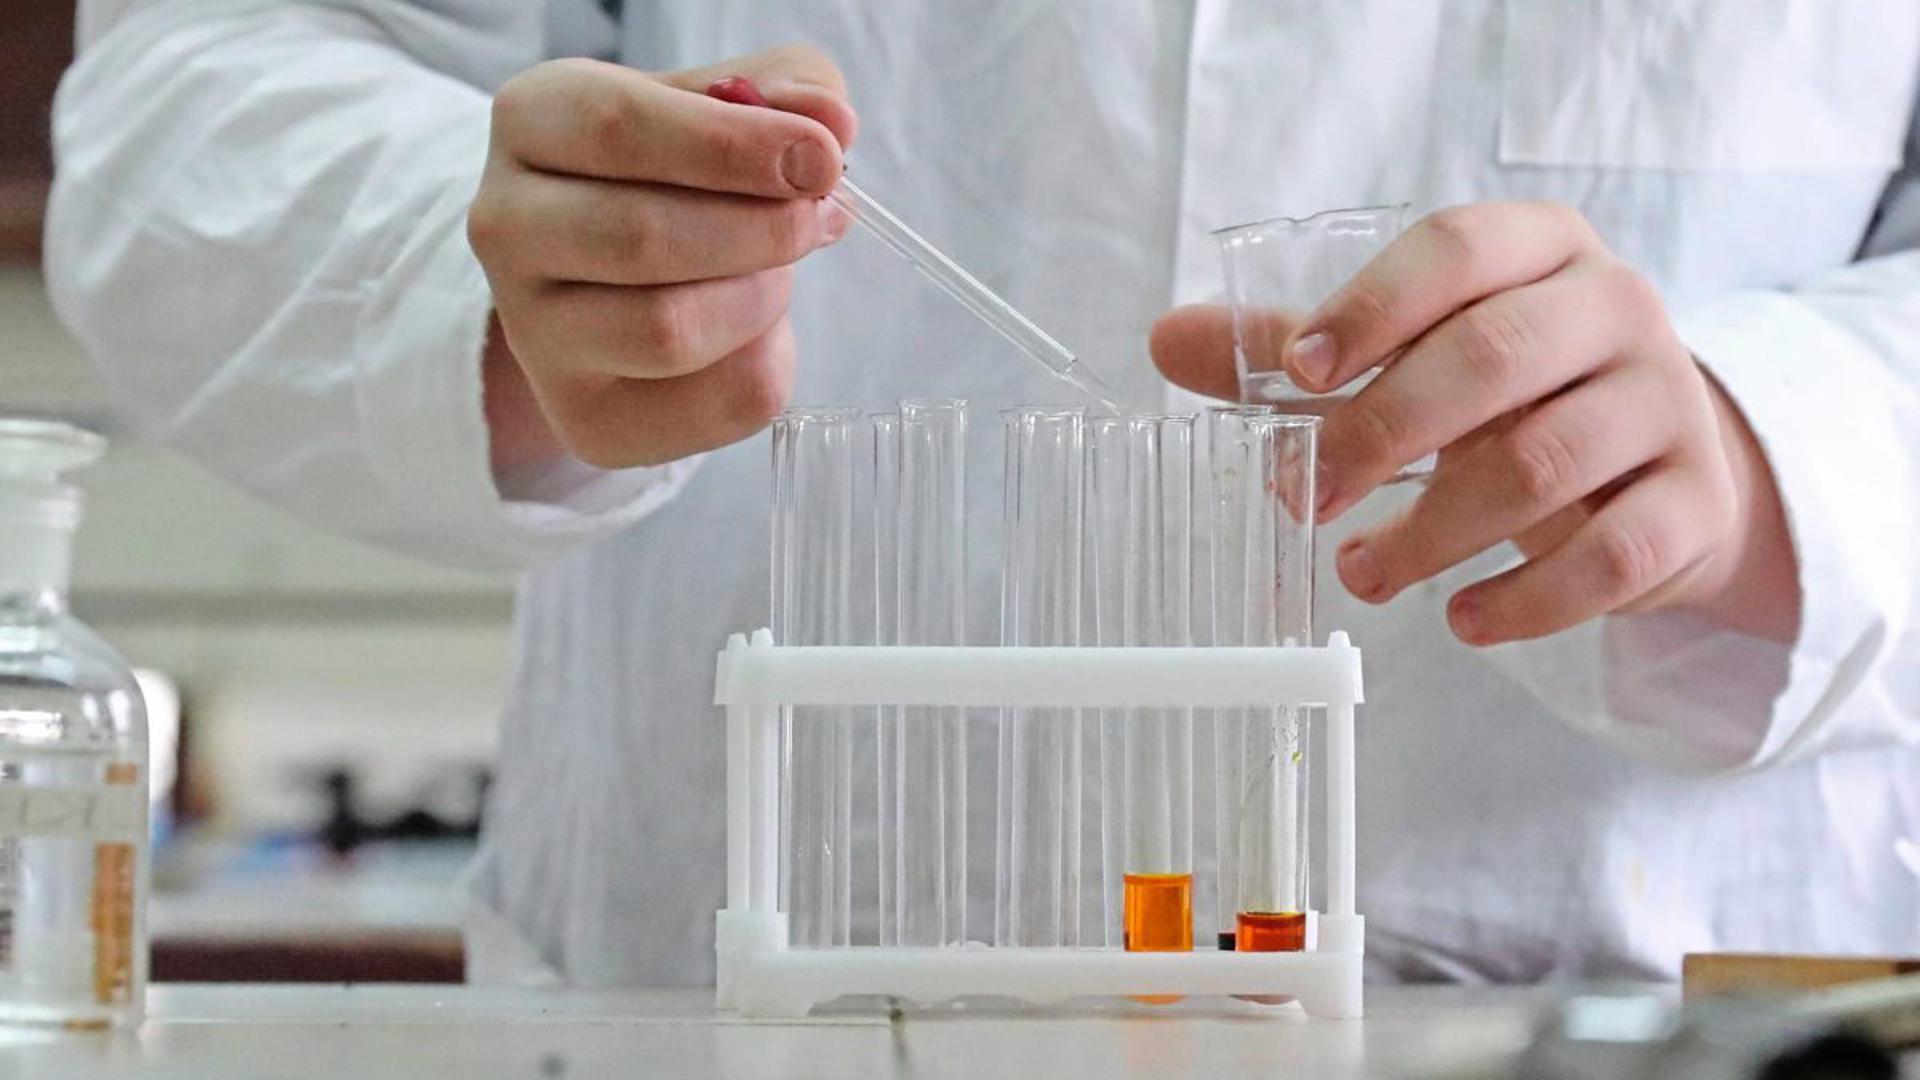 PFC ist die Abkürzung für per- und polyfluorierte Chemikalien.